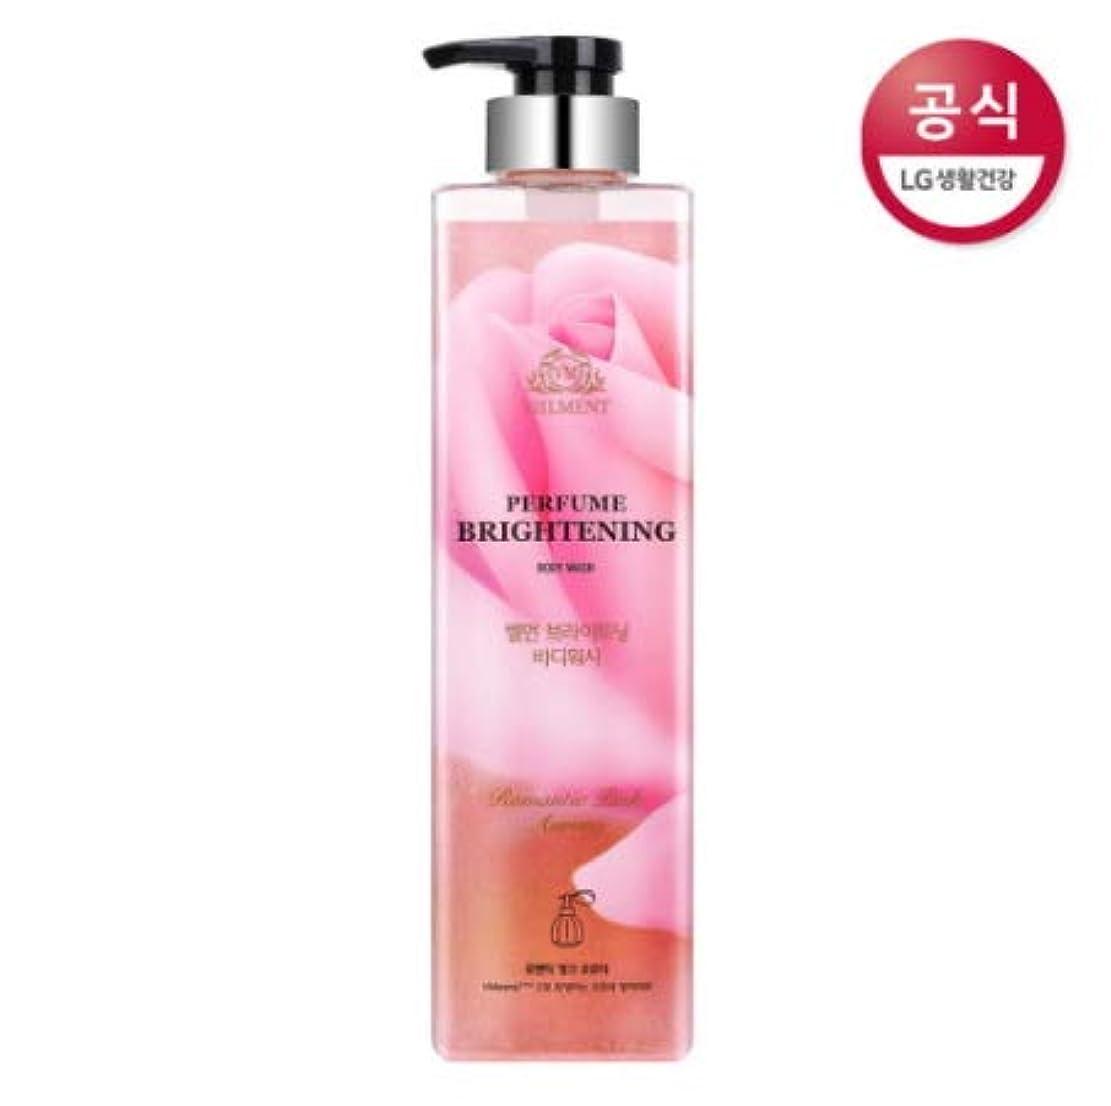 スティック寄生虫水差し[LG HnB] On the Body Belman Perfume Brightening Body Wash / オンザボディベルモンパフュームブライトニングボディウォッシュ680mlx1個(海外直送品)